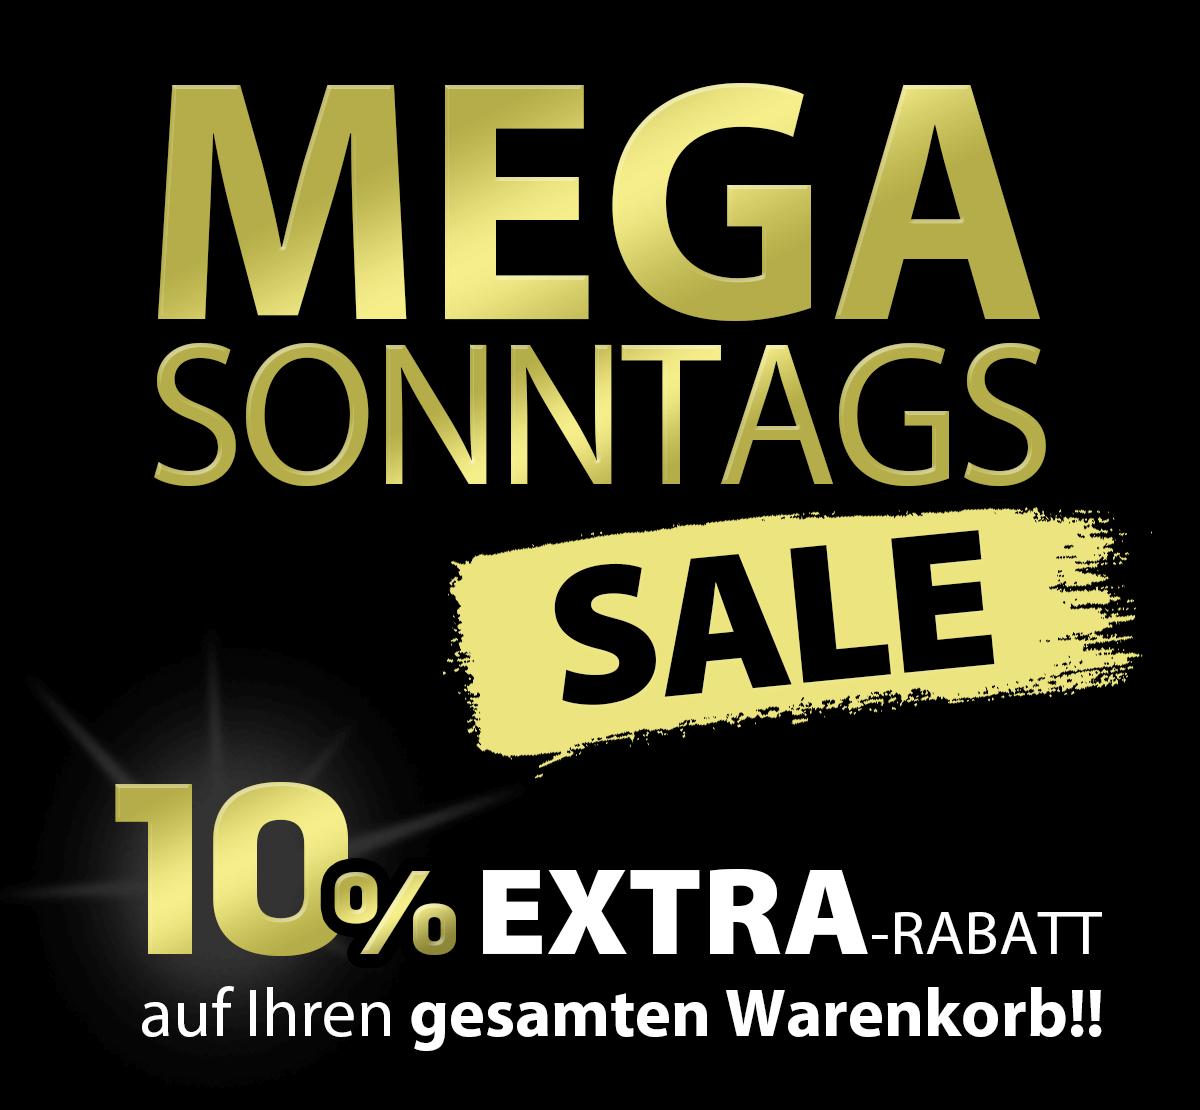 MEGA SONNTAGS AKTION!! - 10% EXTRA-RABATT auf Ihren gesamten Warenkorbwert! NUR HEUTE!!